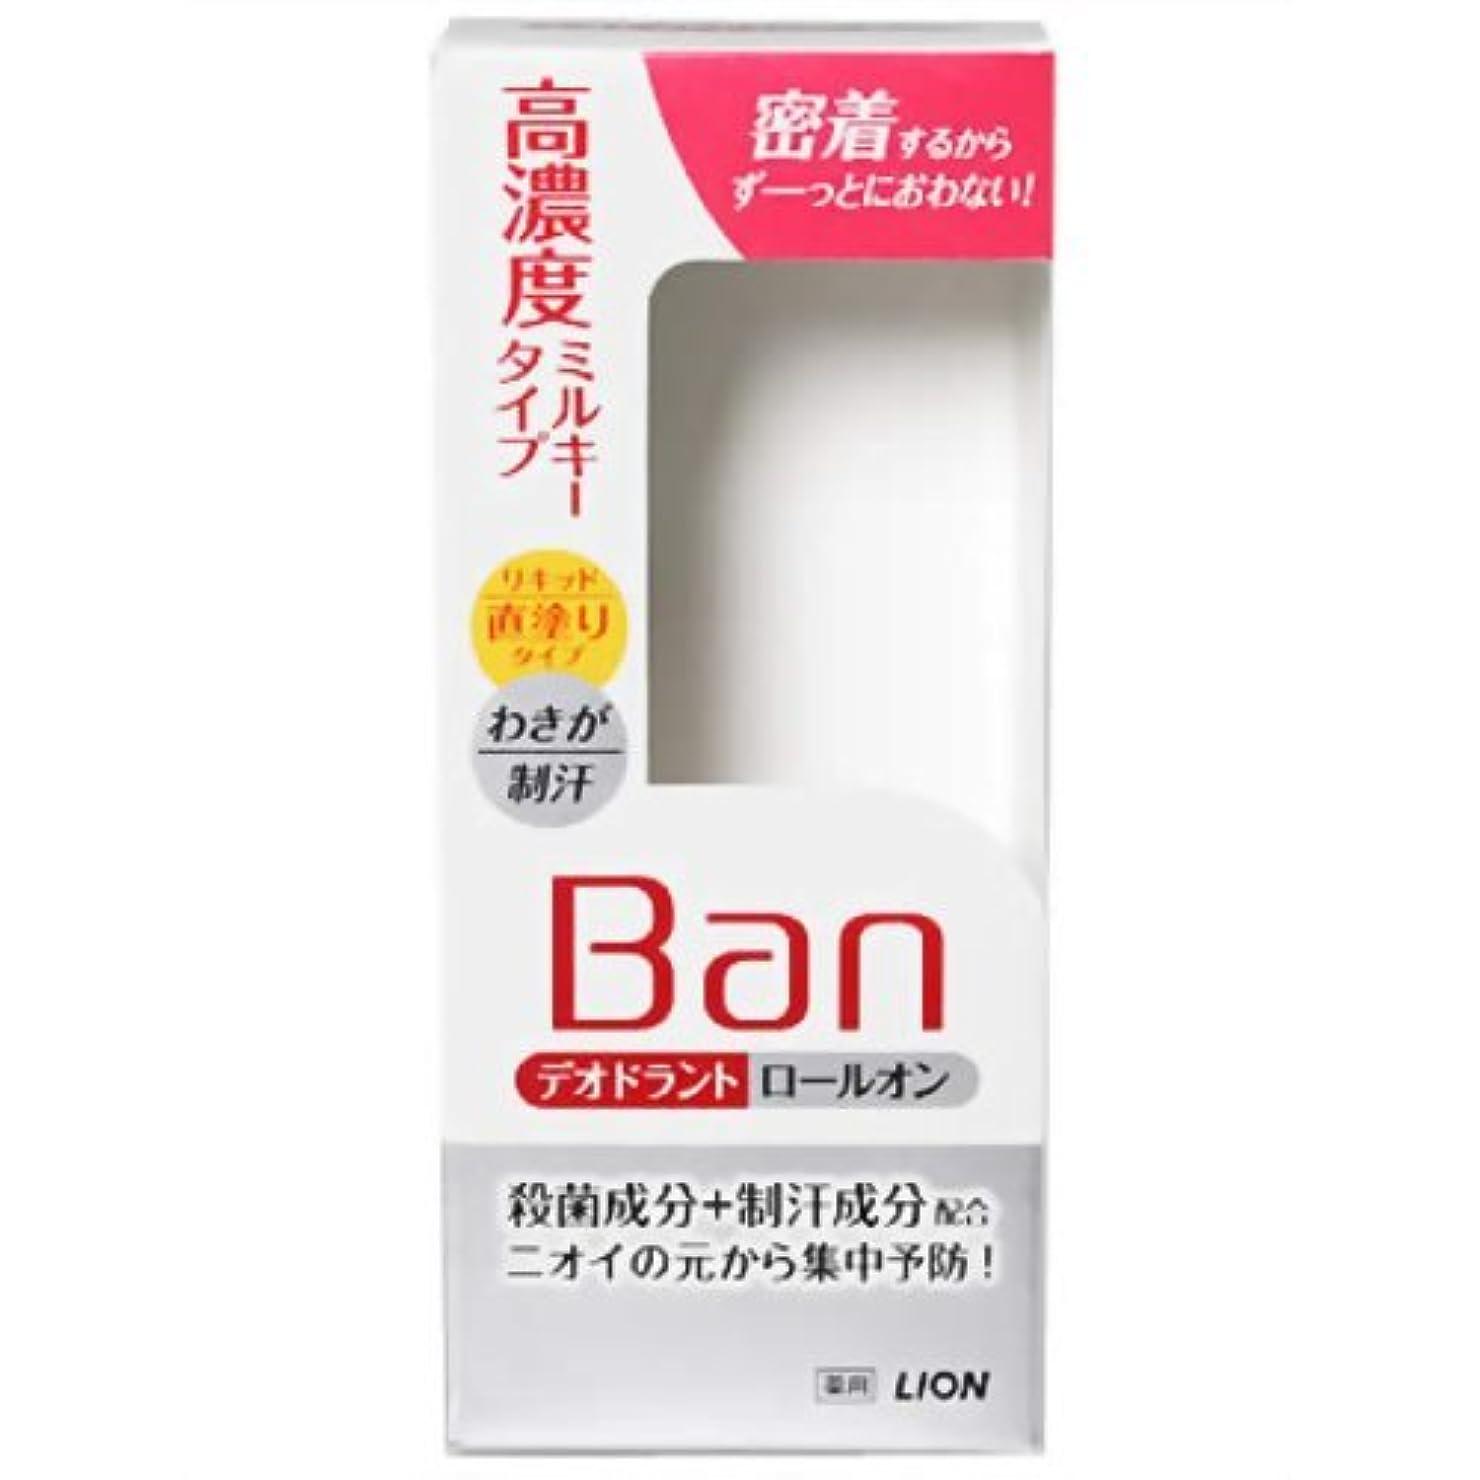 神経衰弱脅かすより平らなBan(バン) デオドラントロールオン 高濃度ミルキータイプ 30ml